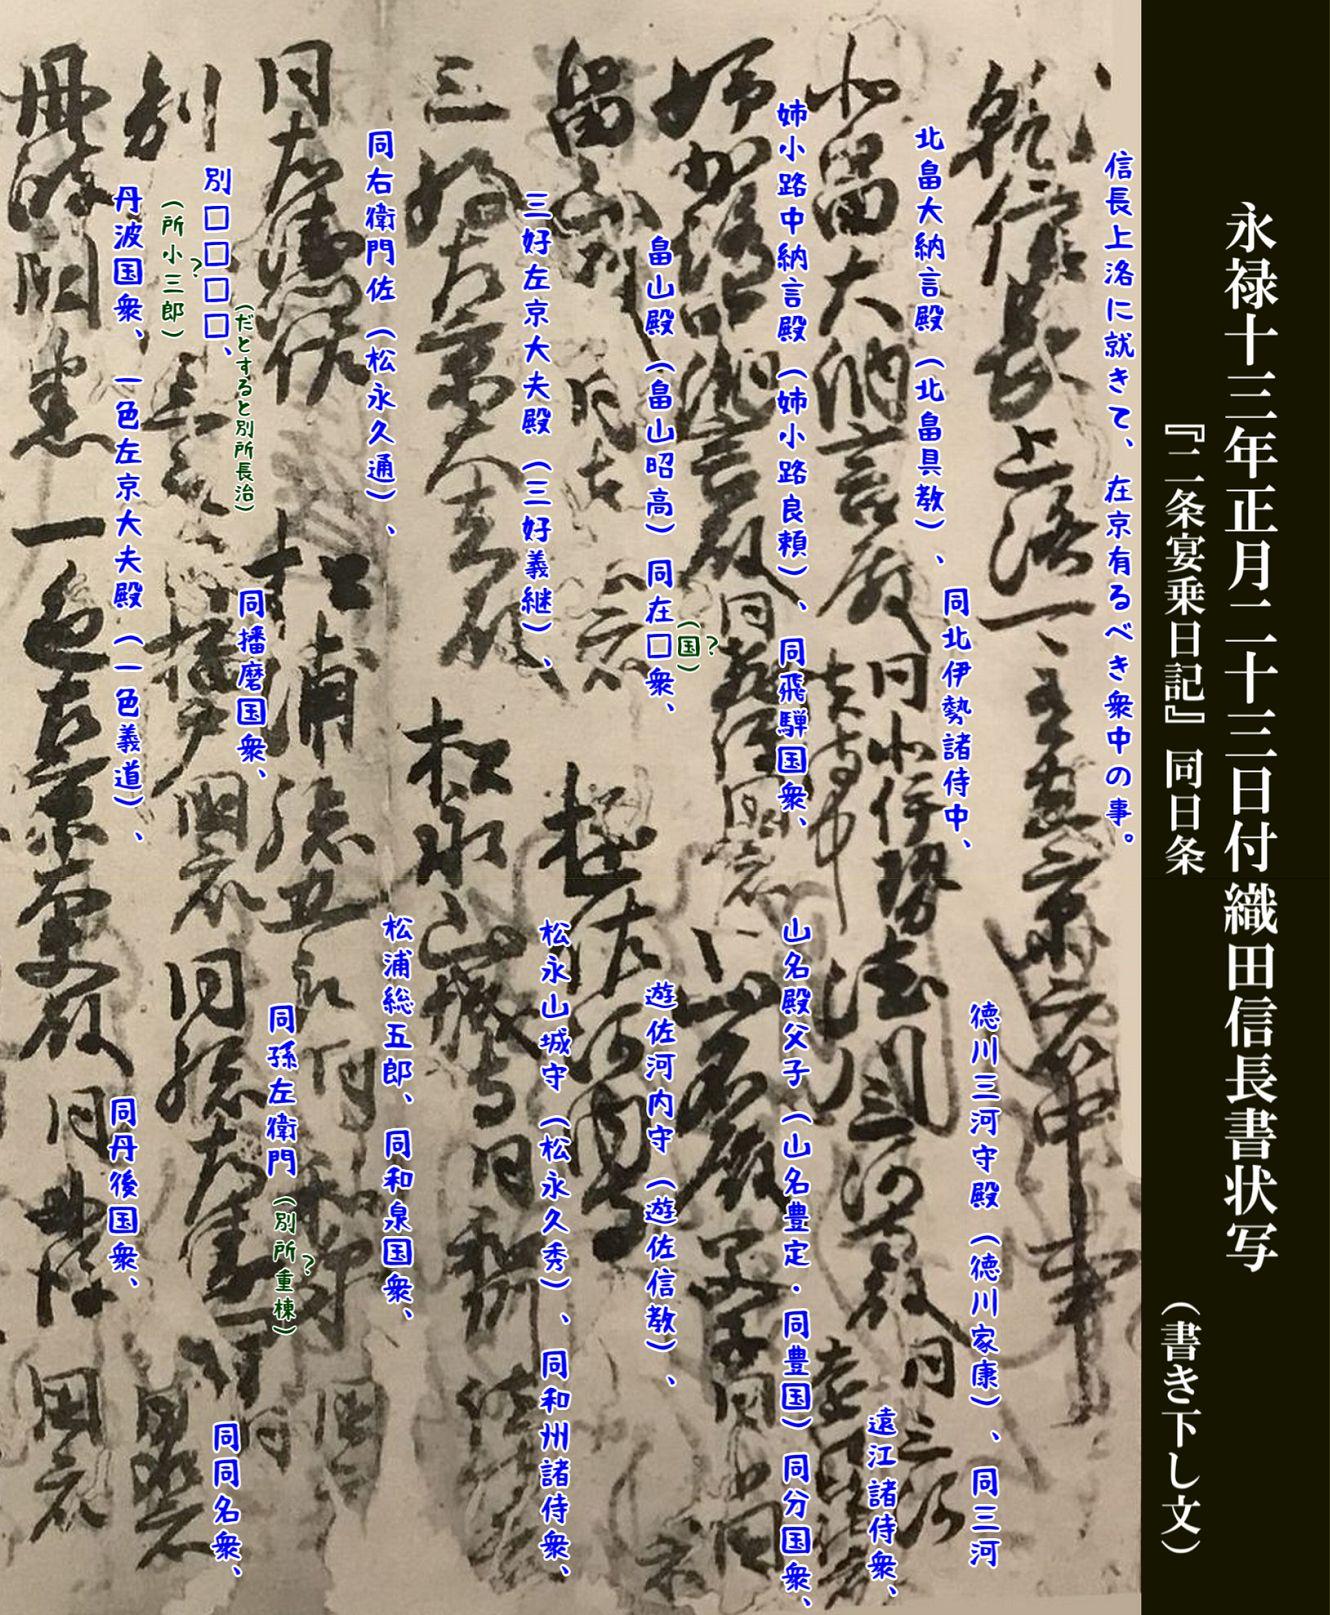 信長が主宰したサミット(永禄13年1月~2月)a+書き下し文